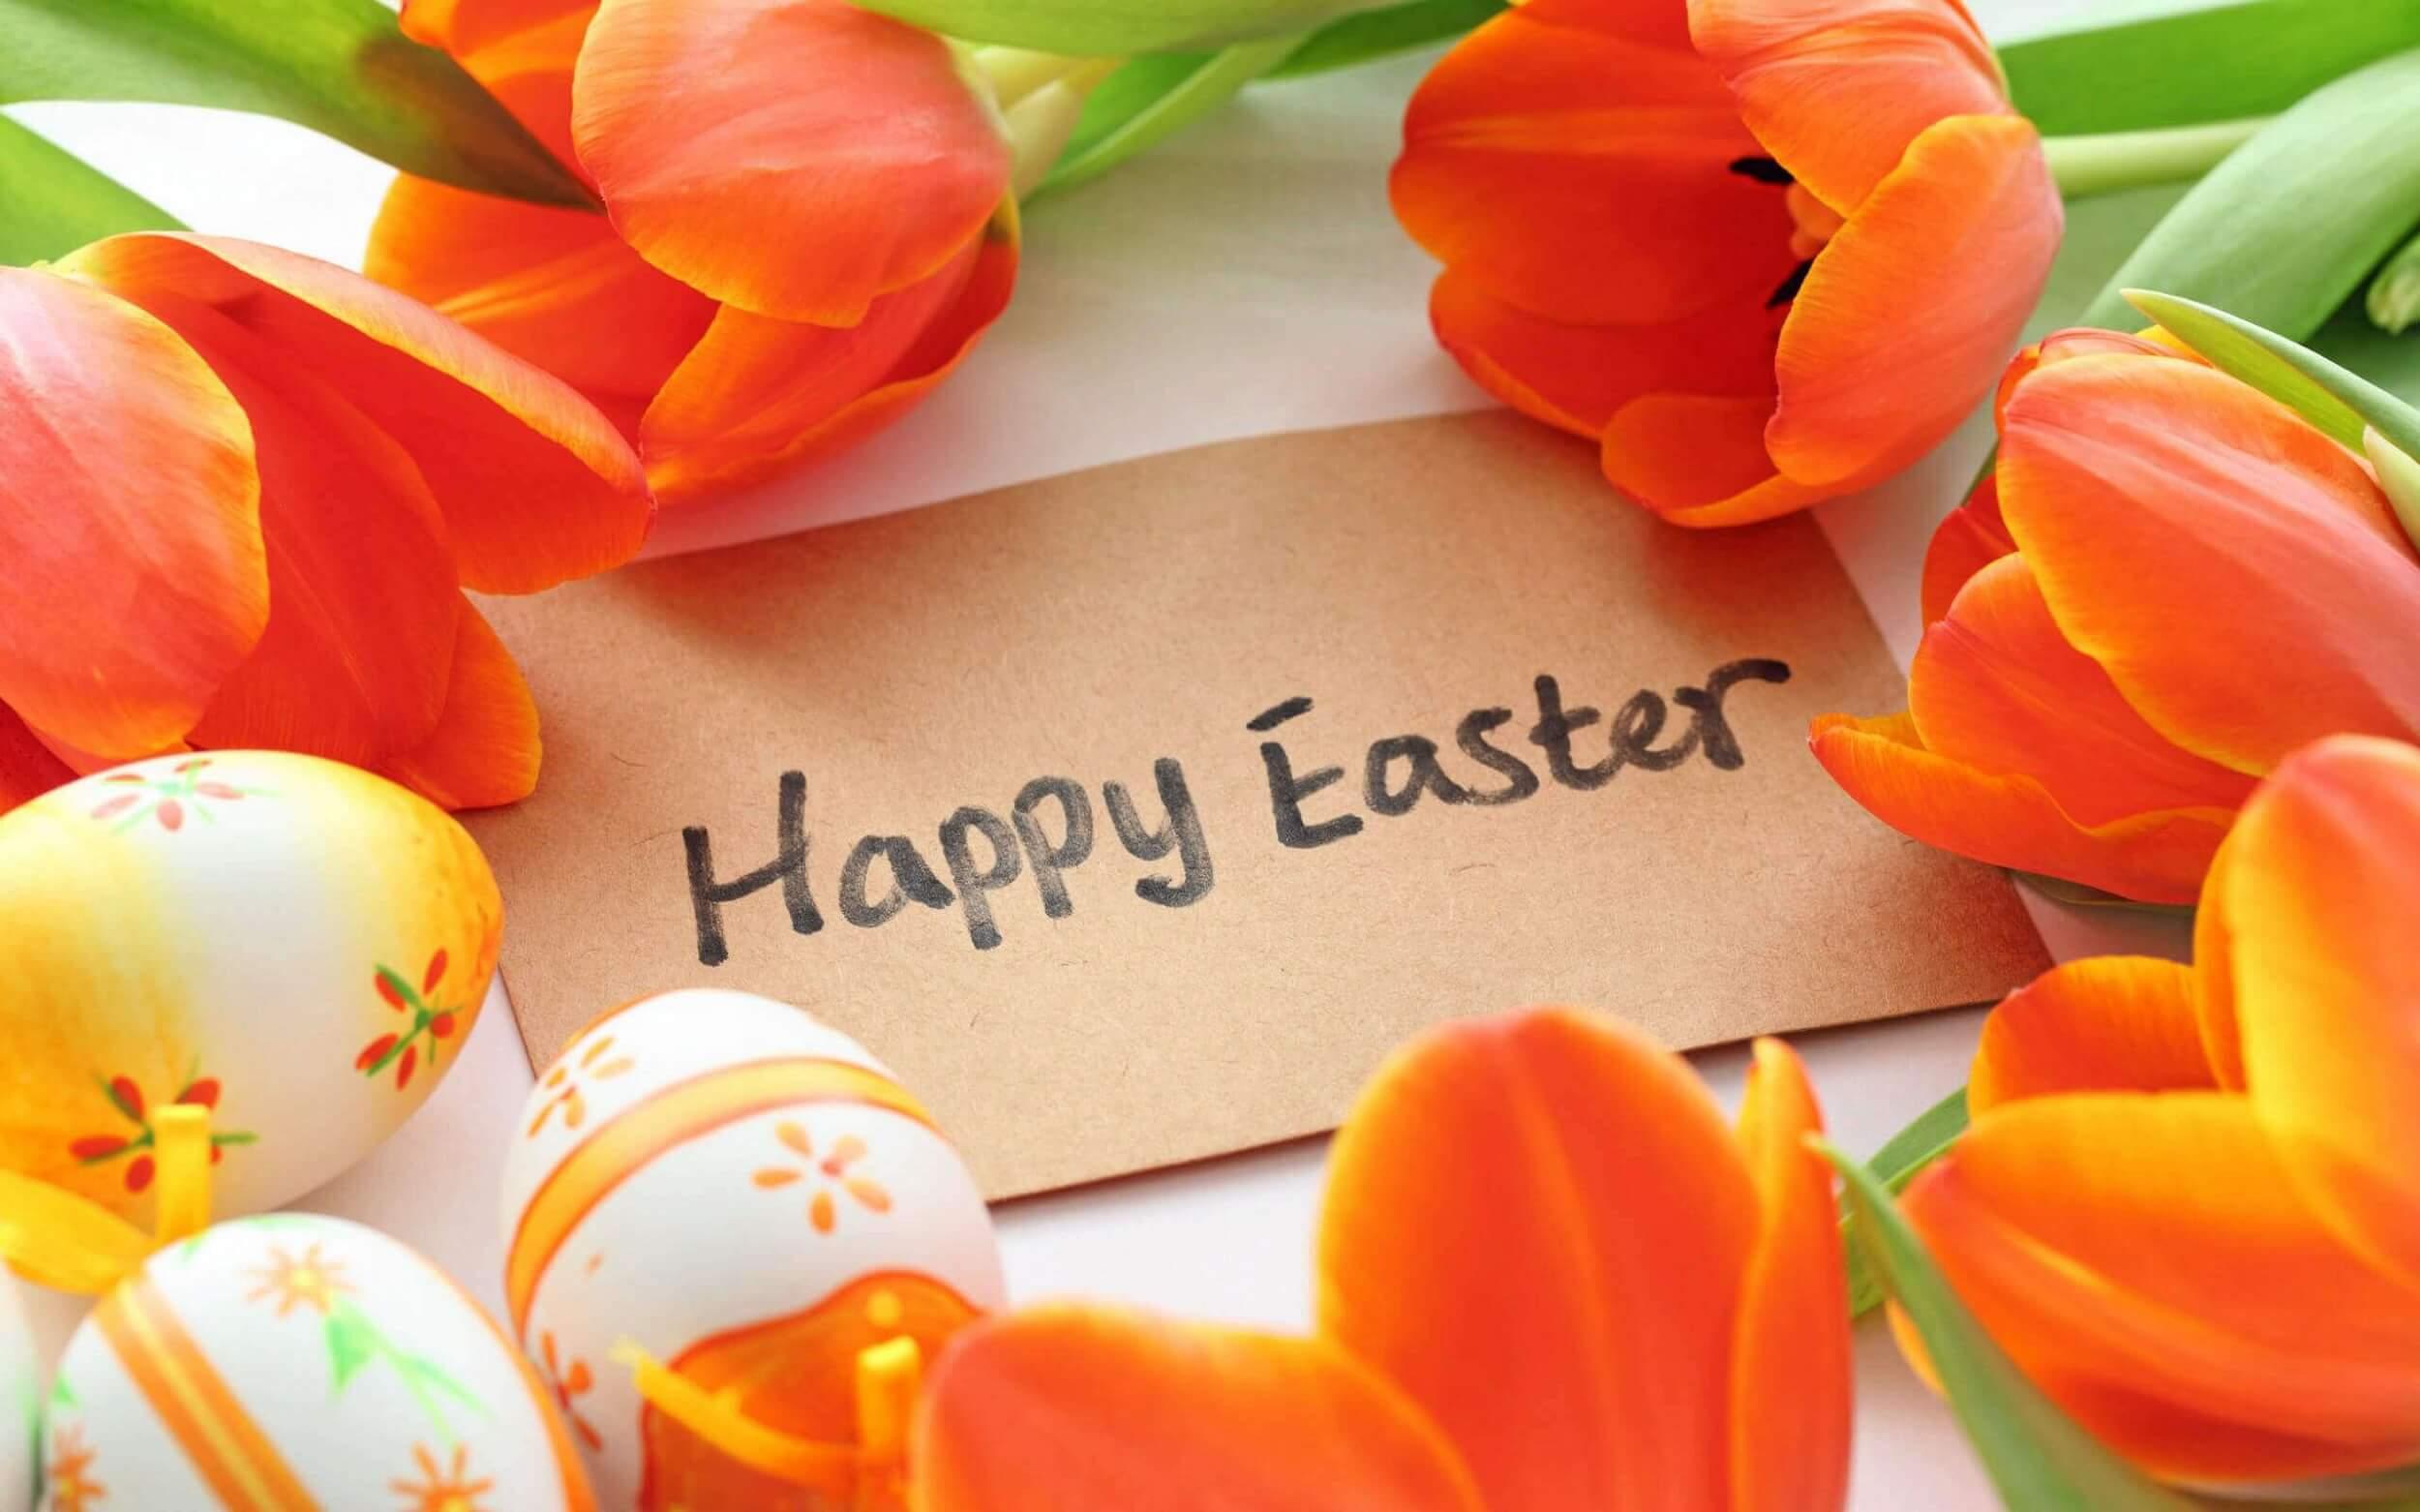 Happy Easter wallpaper HD